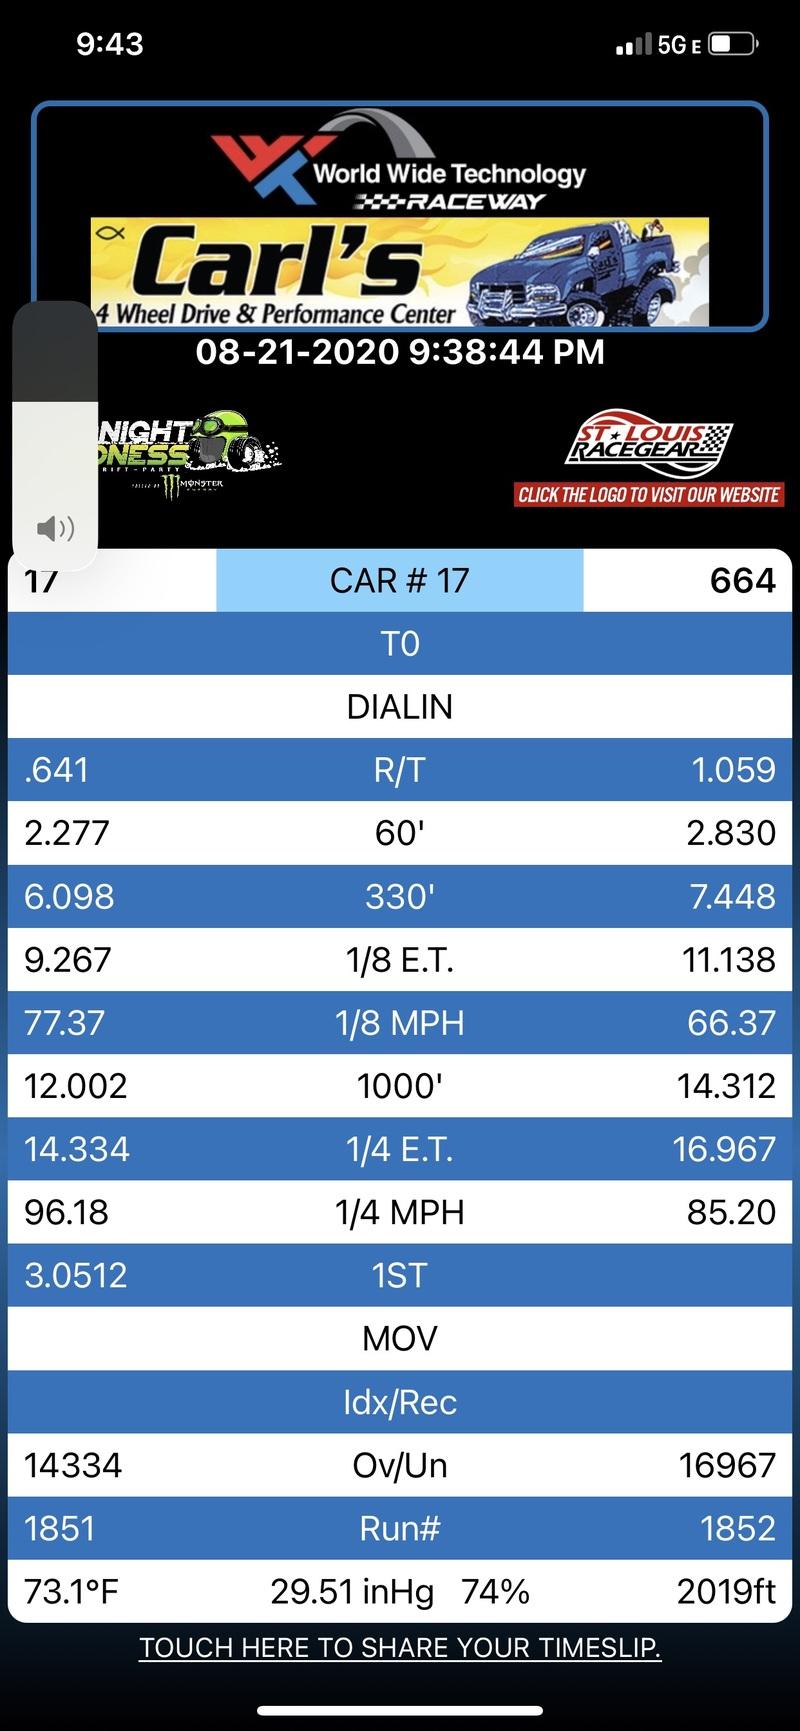 Audi A3 Timeslip Scan